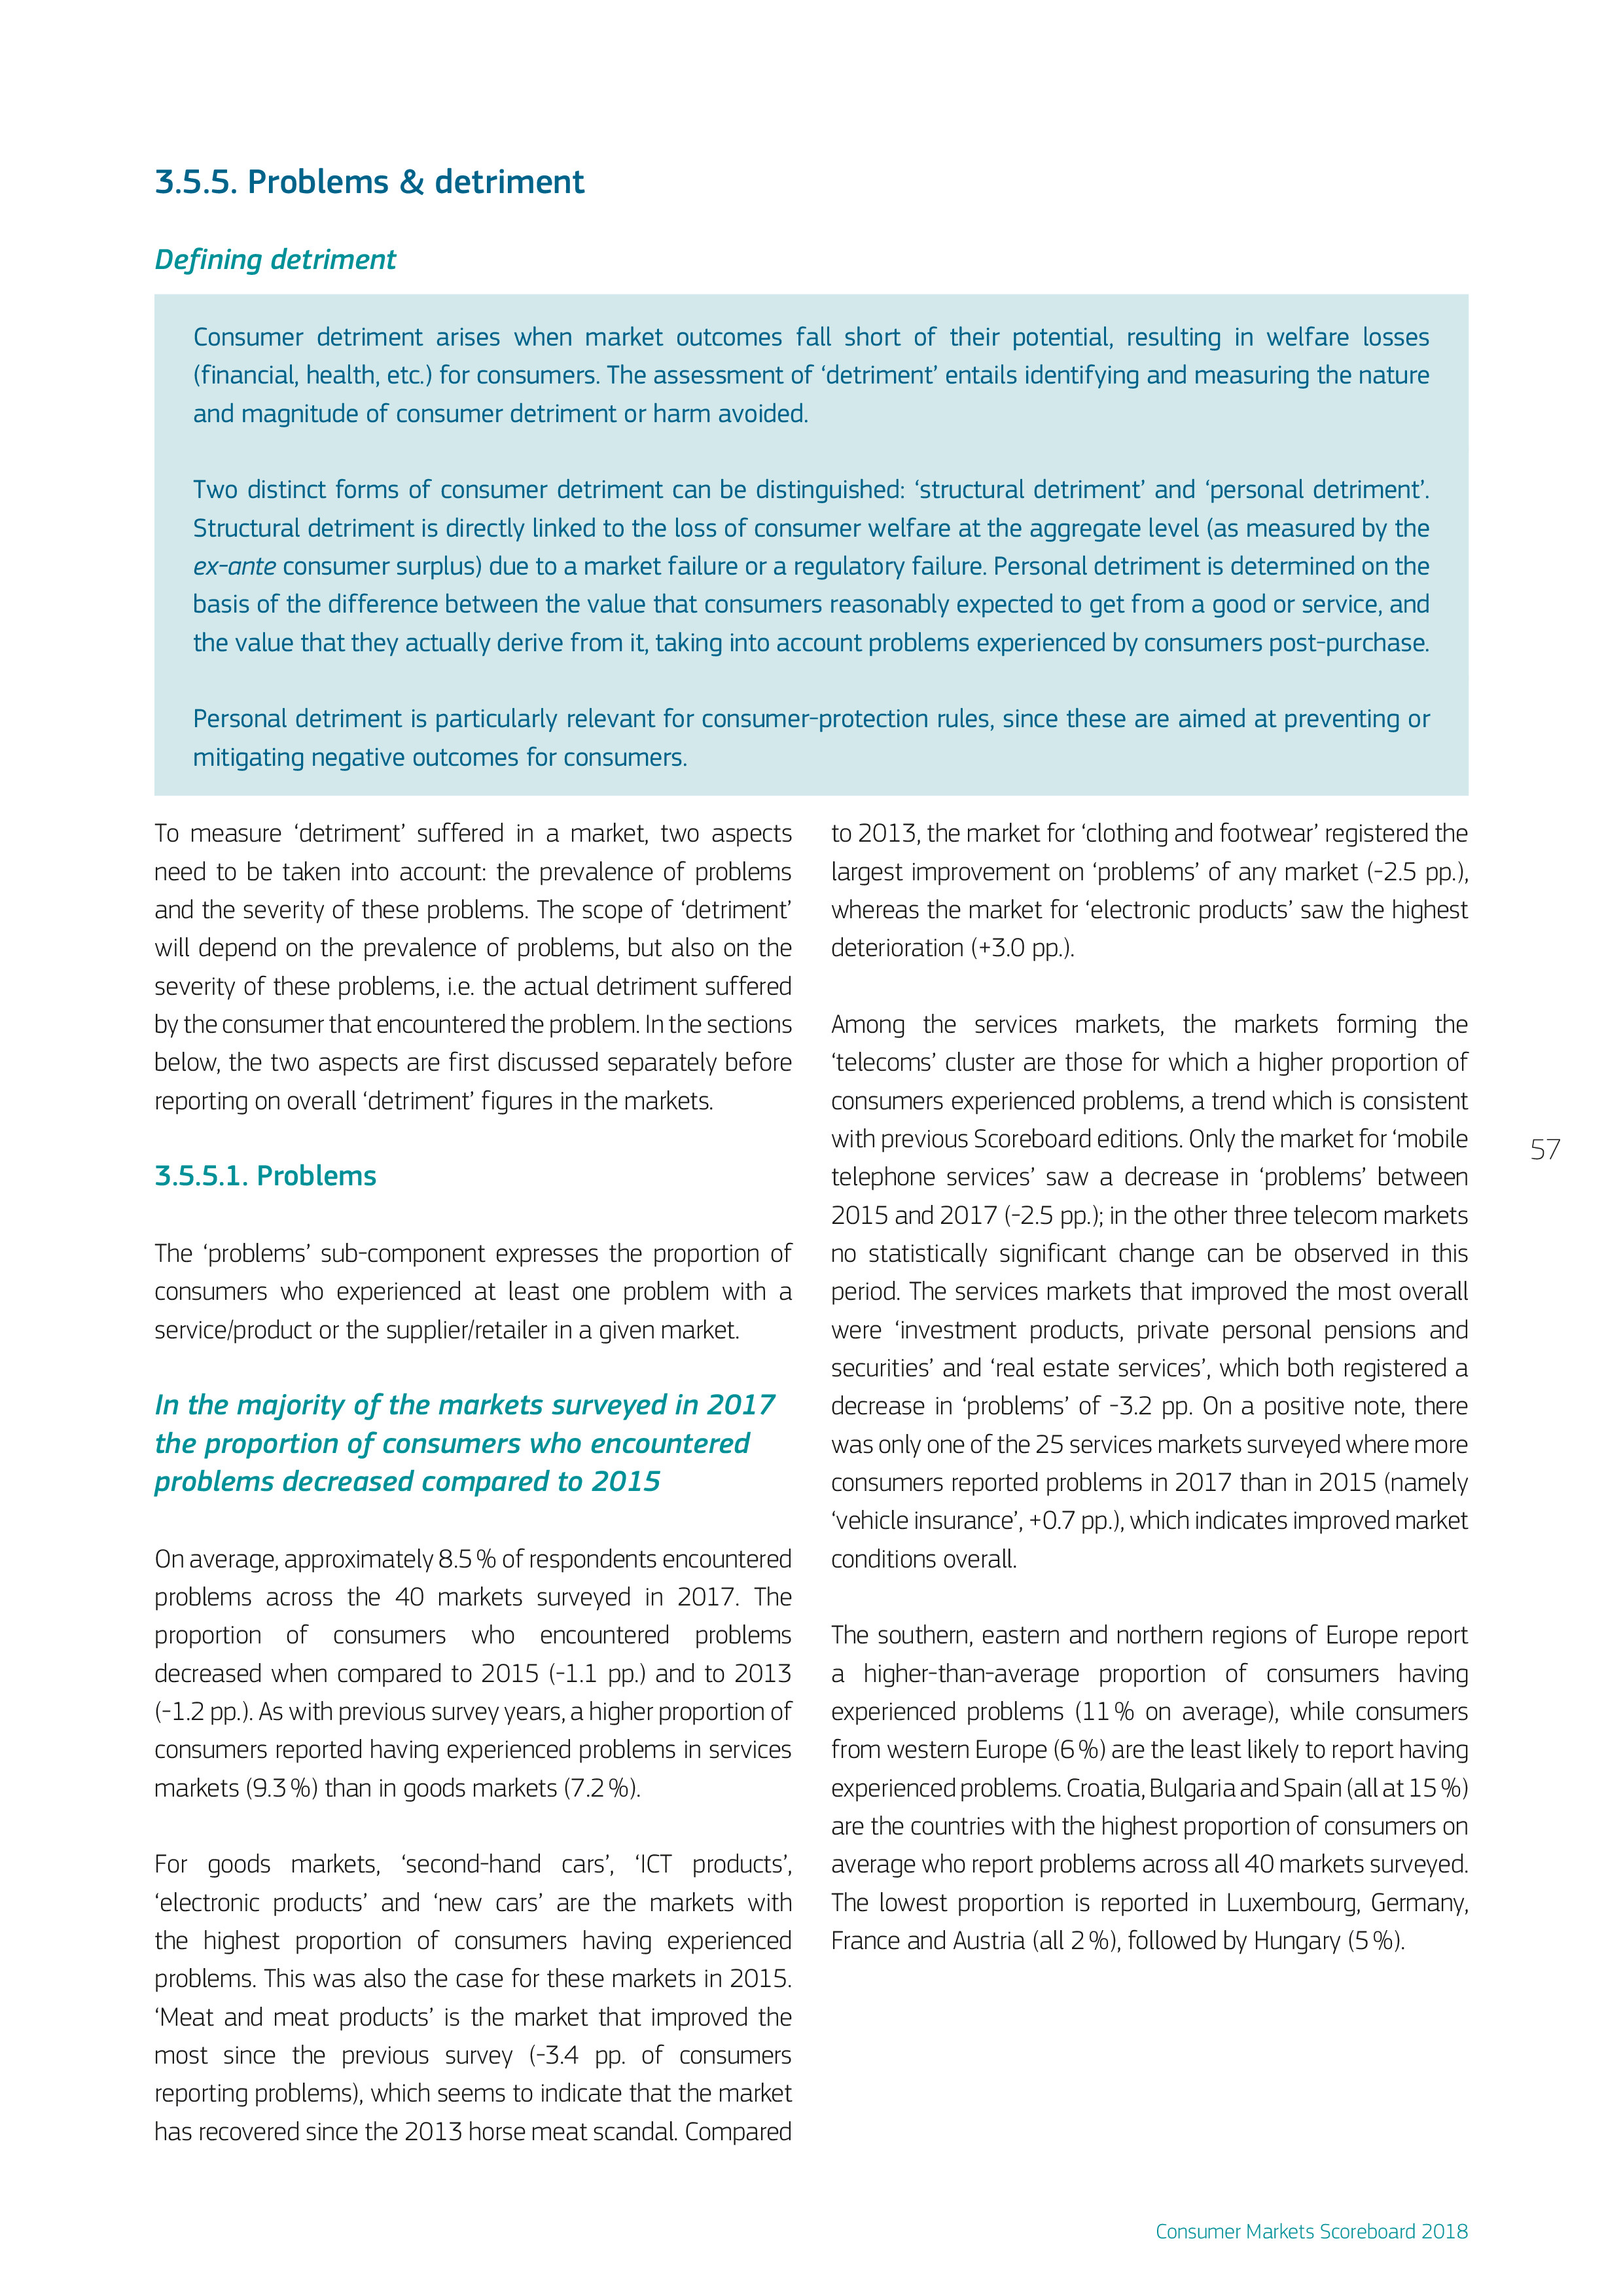 欧盟委员会:2018年消费市场记分榜